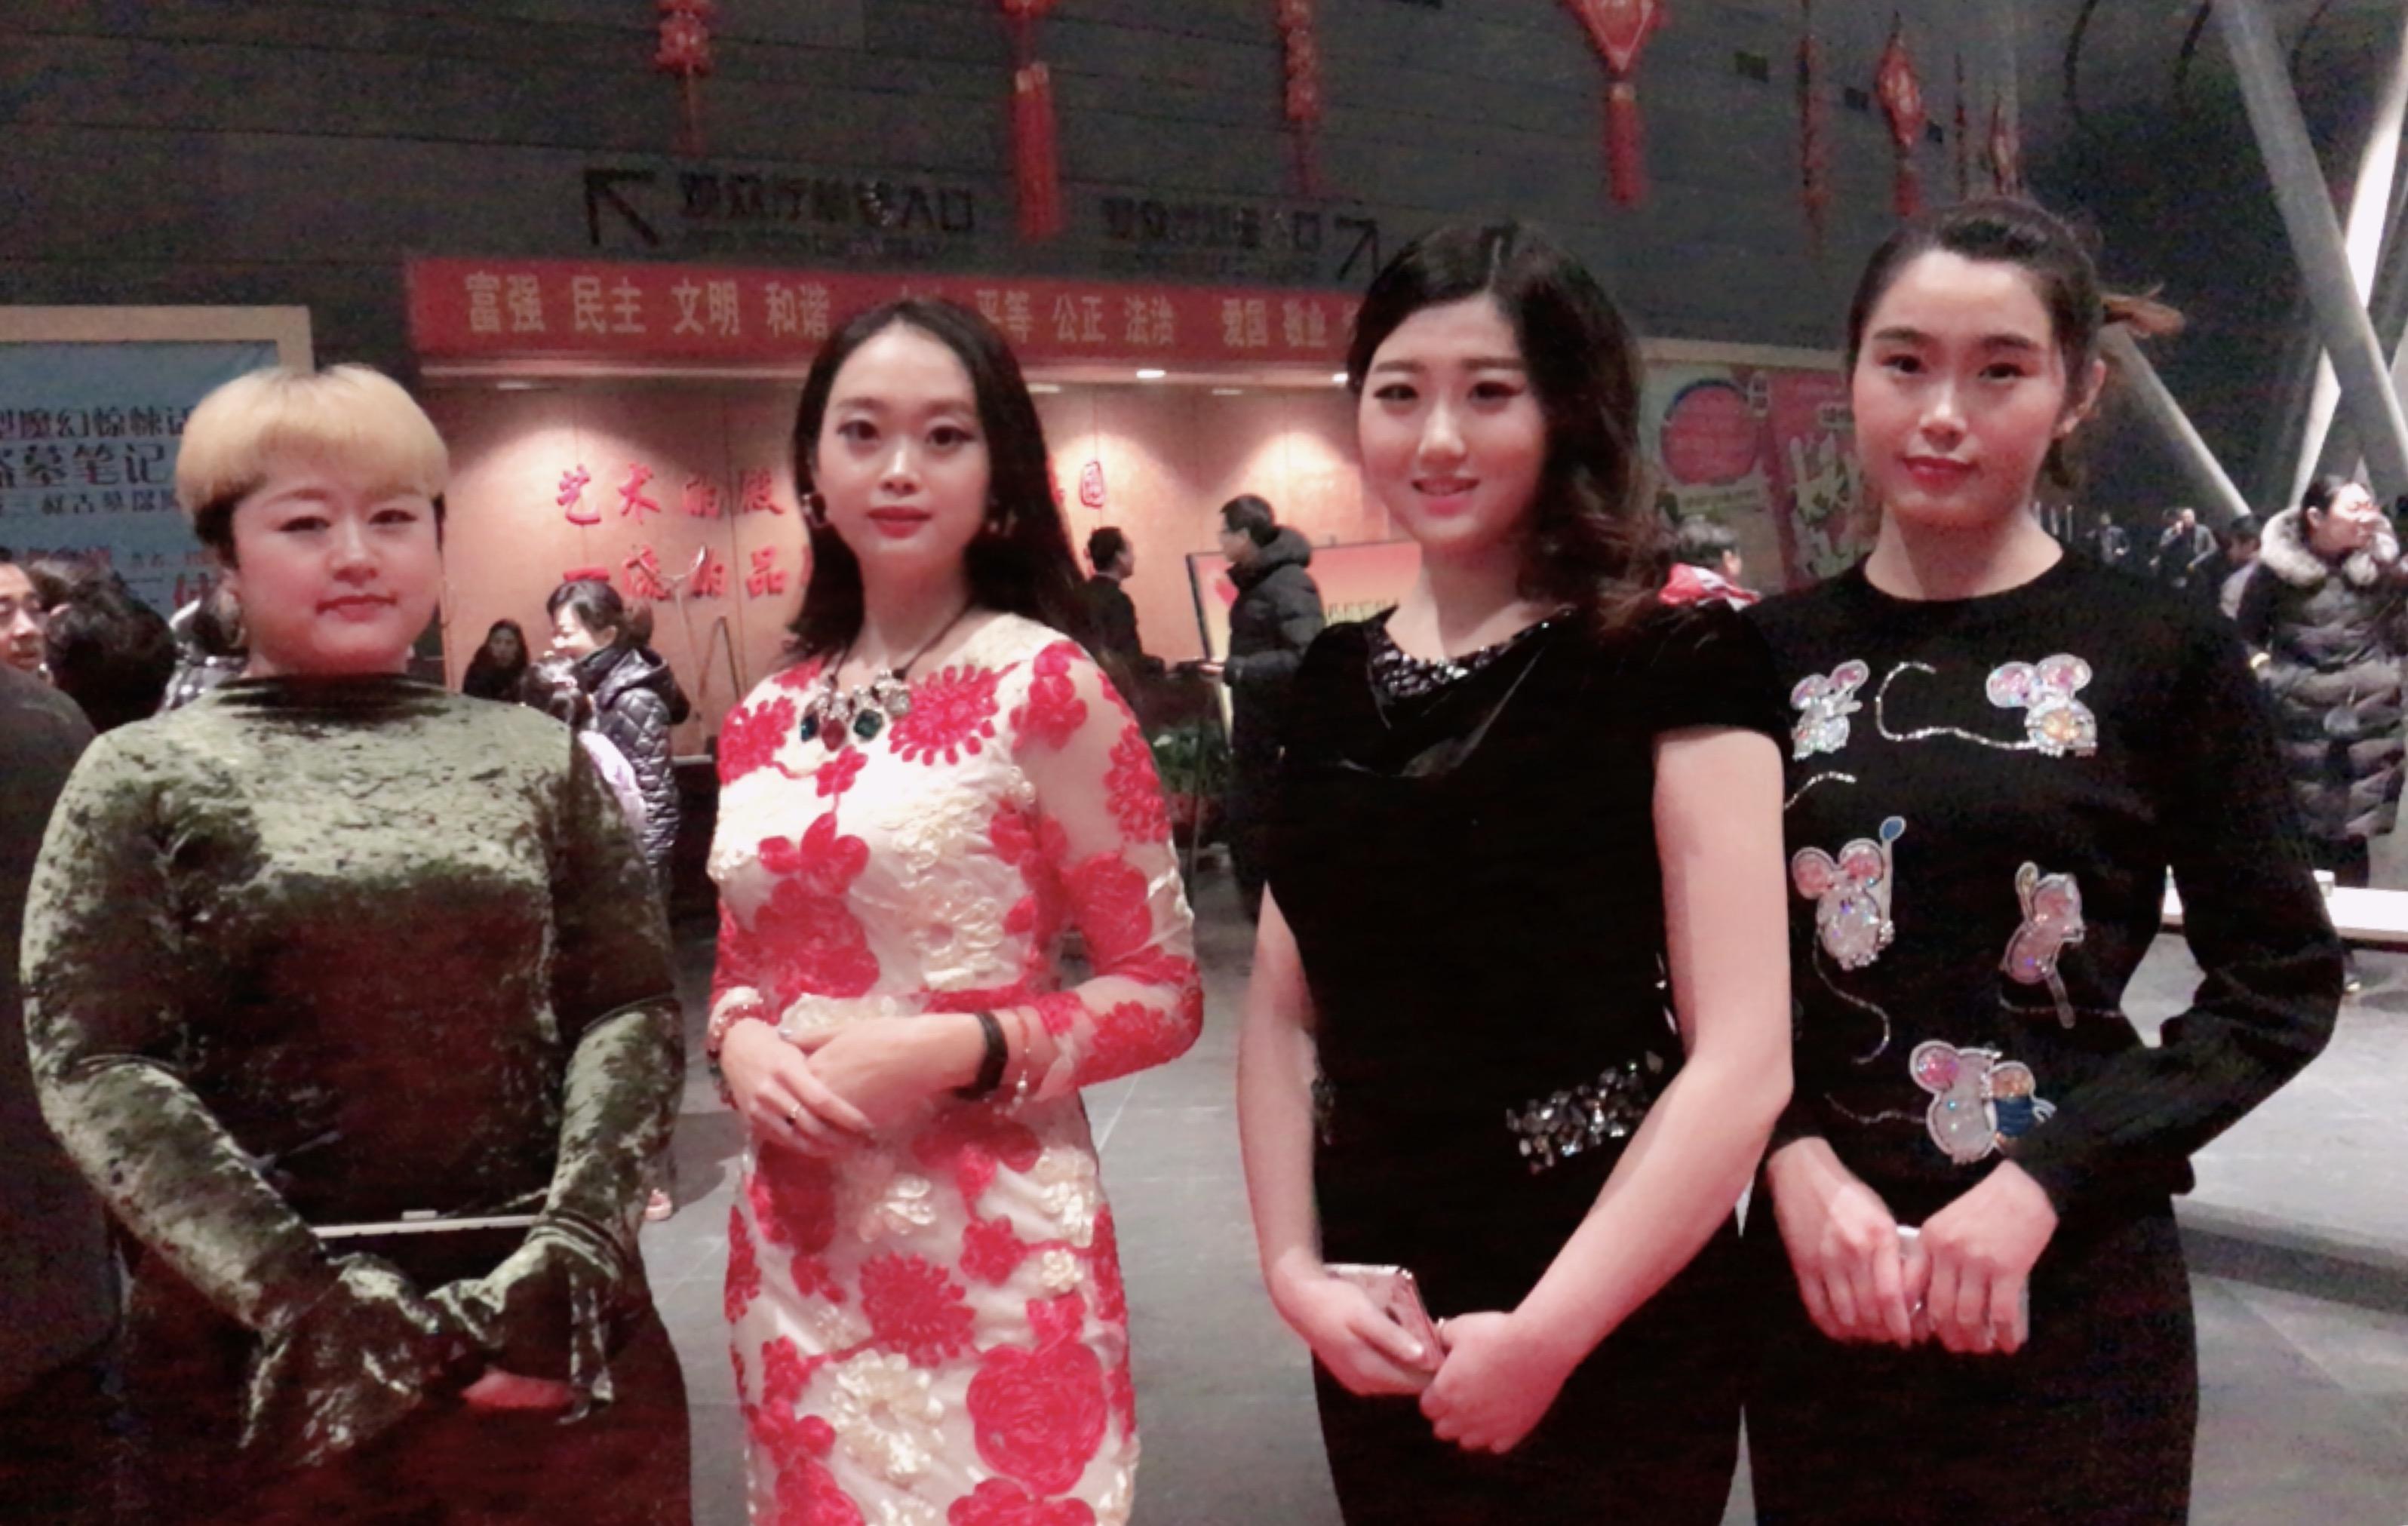 赵丽媚被赞称小赵丽颖,姐妹俩感情好_手机搜狐网